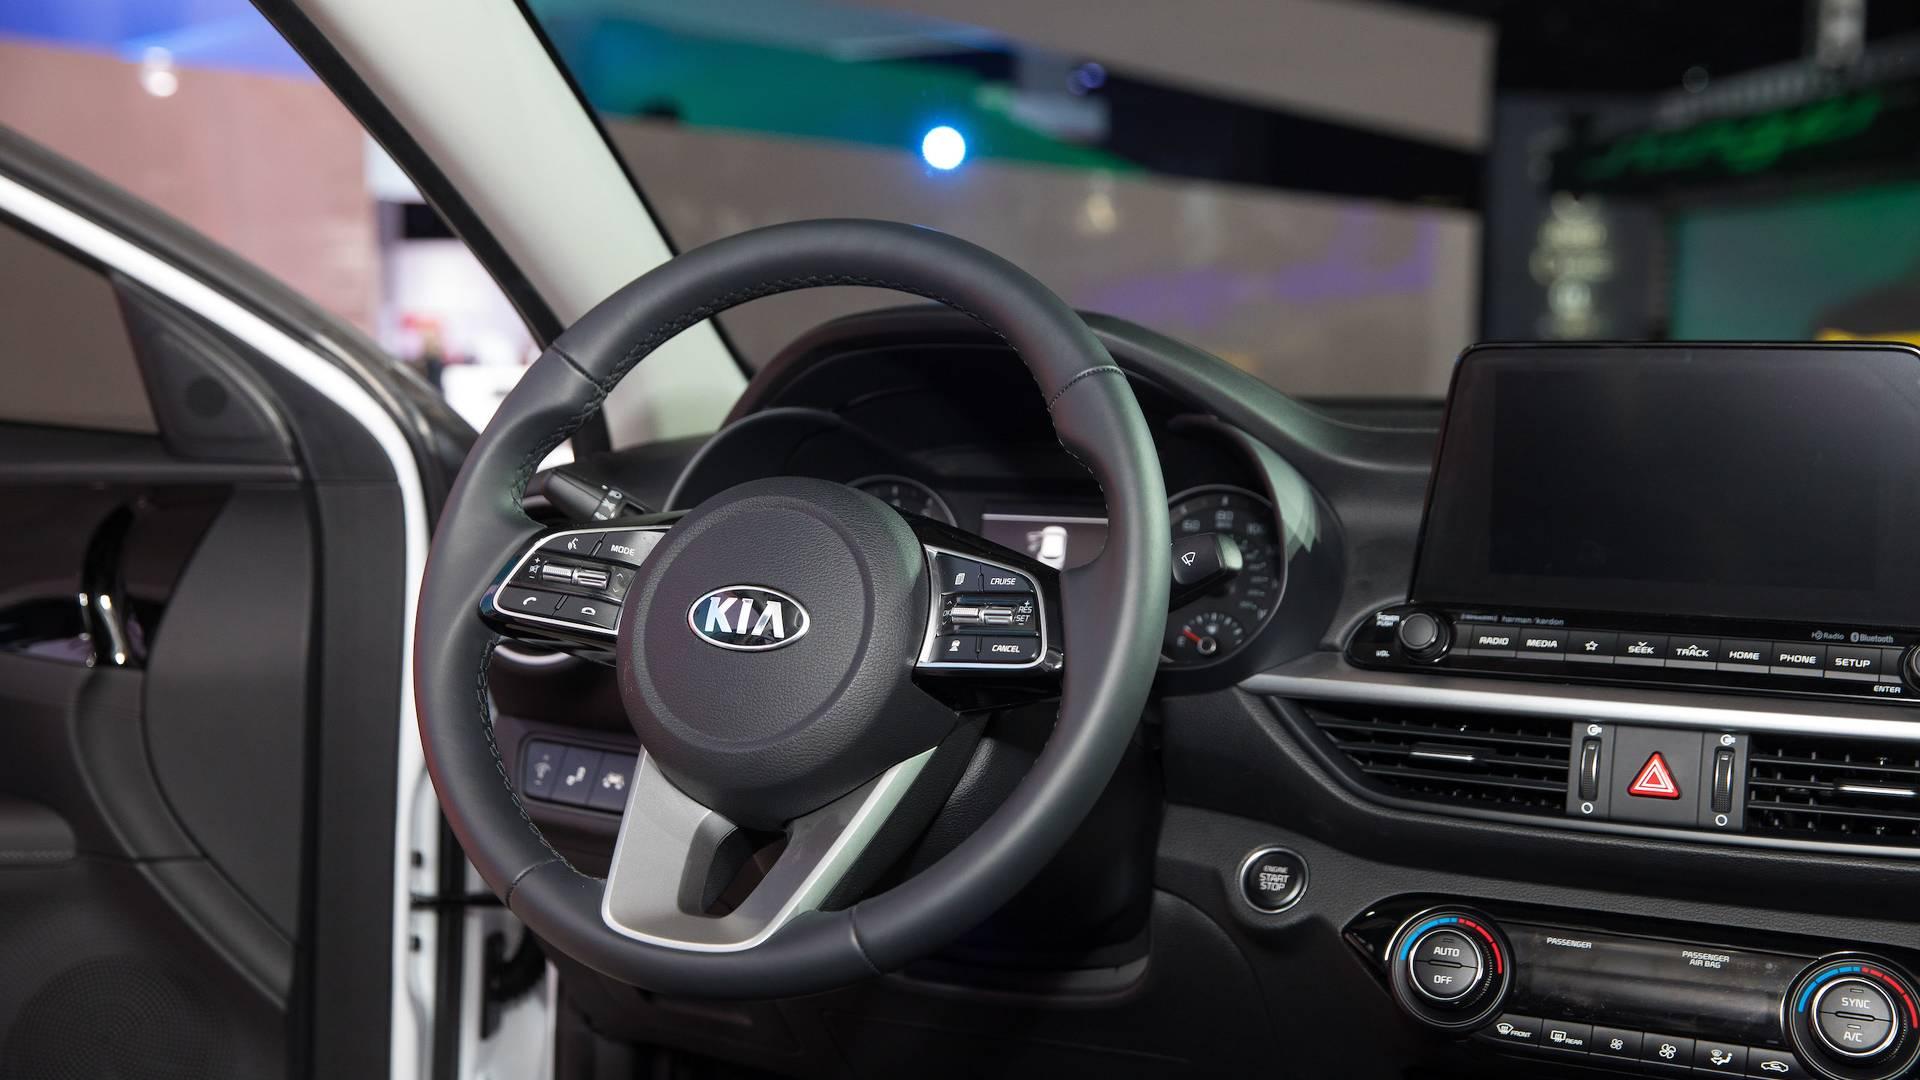 Image besides Kia Forte also Trunk Space Empty additionally Novo Kia Cerato likewise Kia Cerato Interior. on kia cerato interior